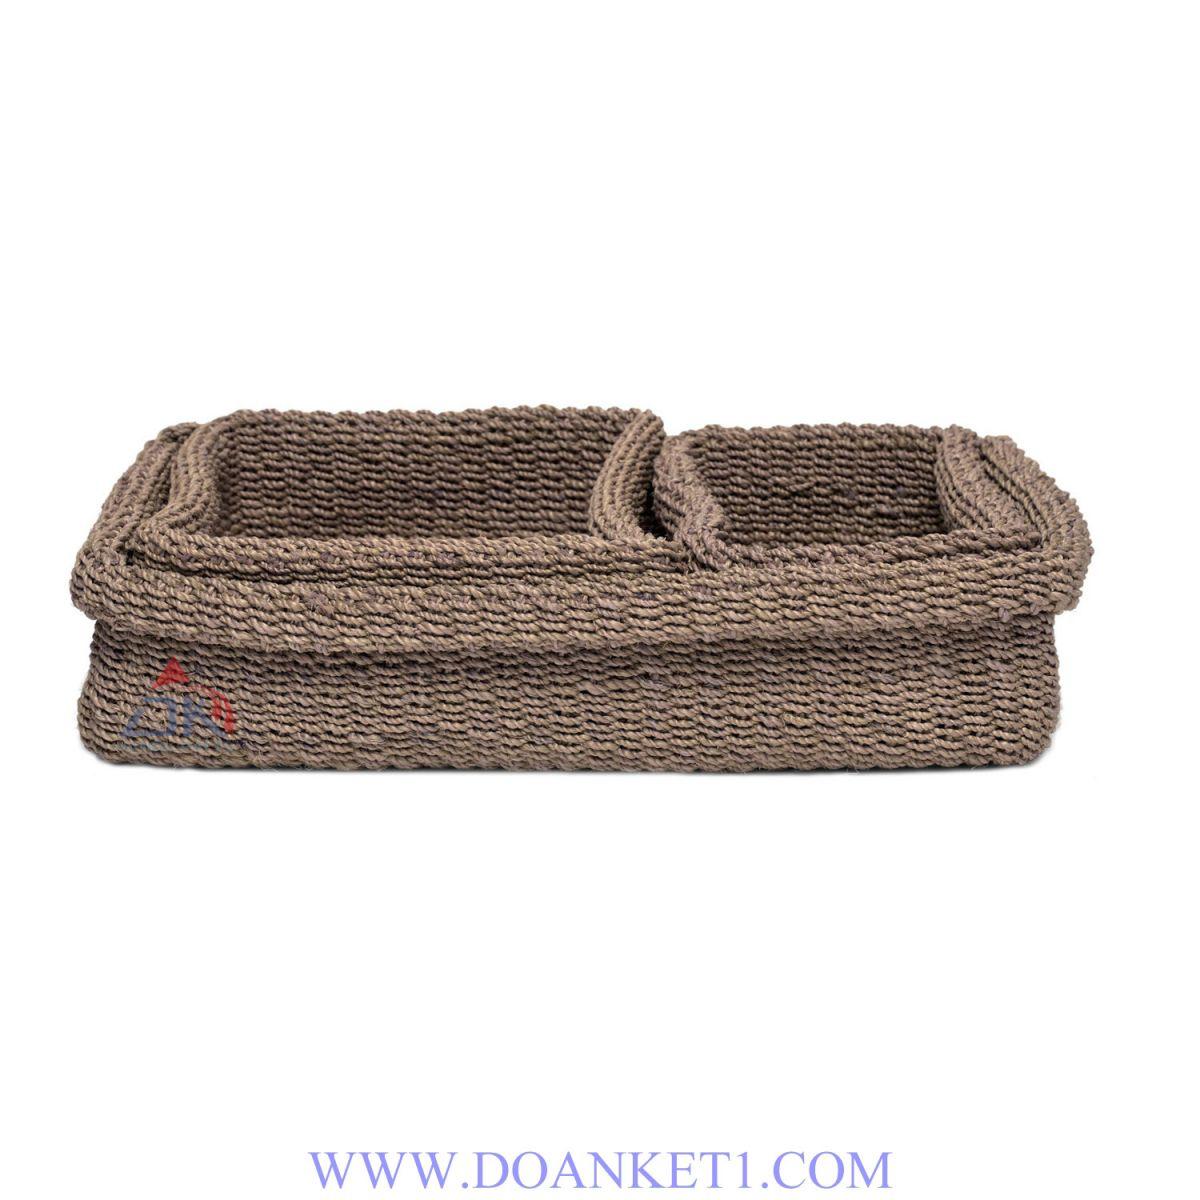 Textile Basket S/3 # DK170